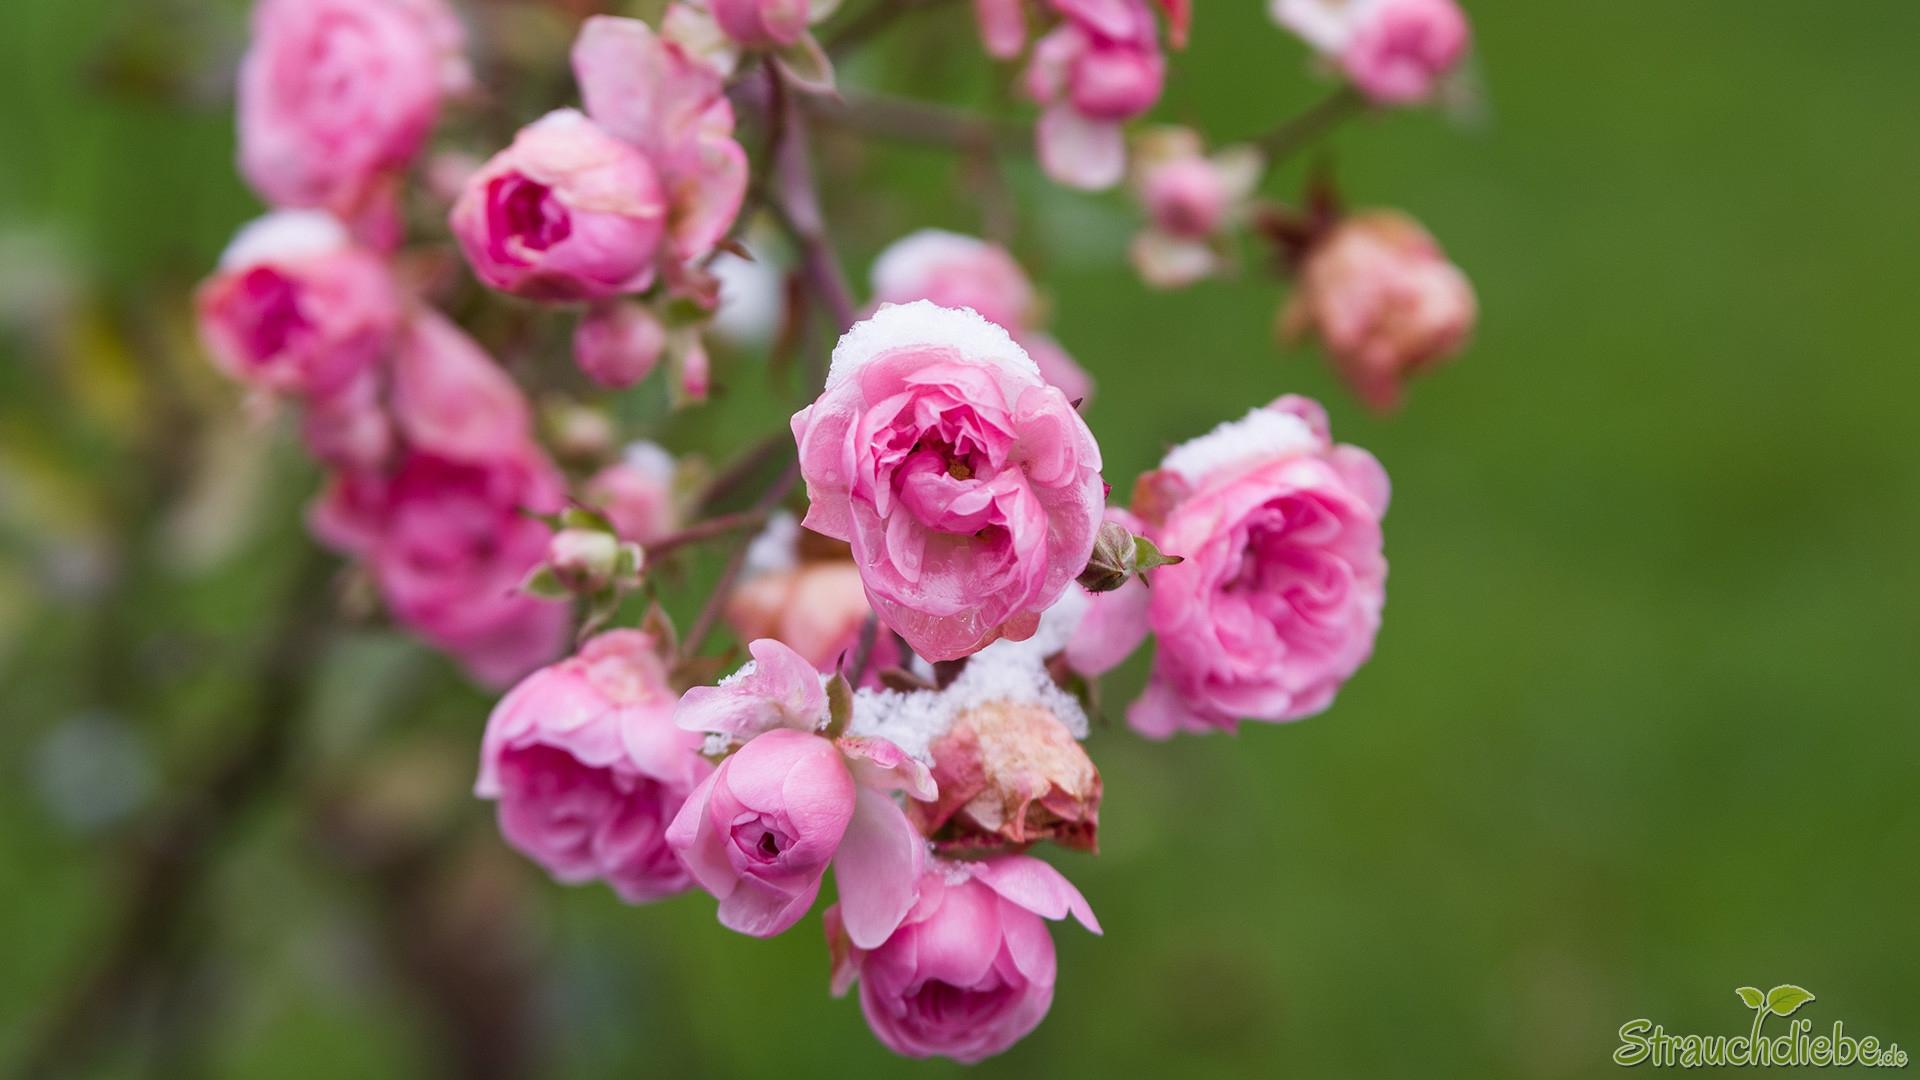 Rose (Rosea)